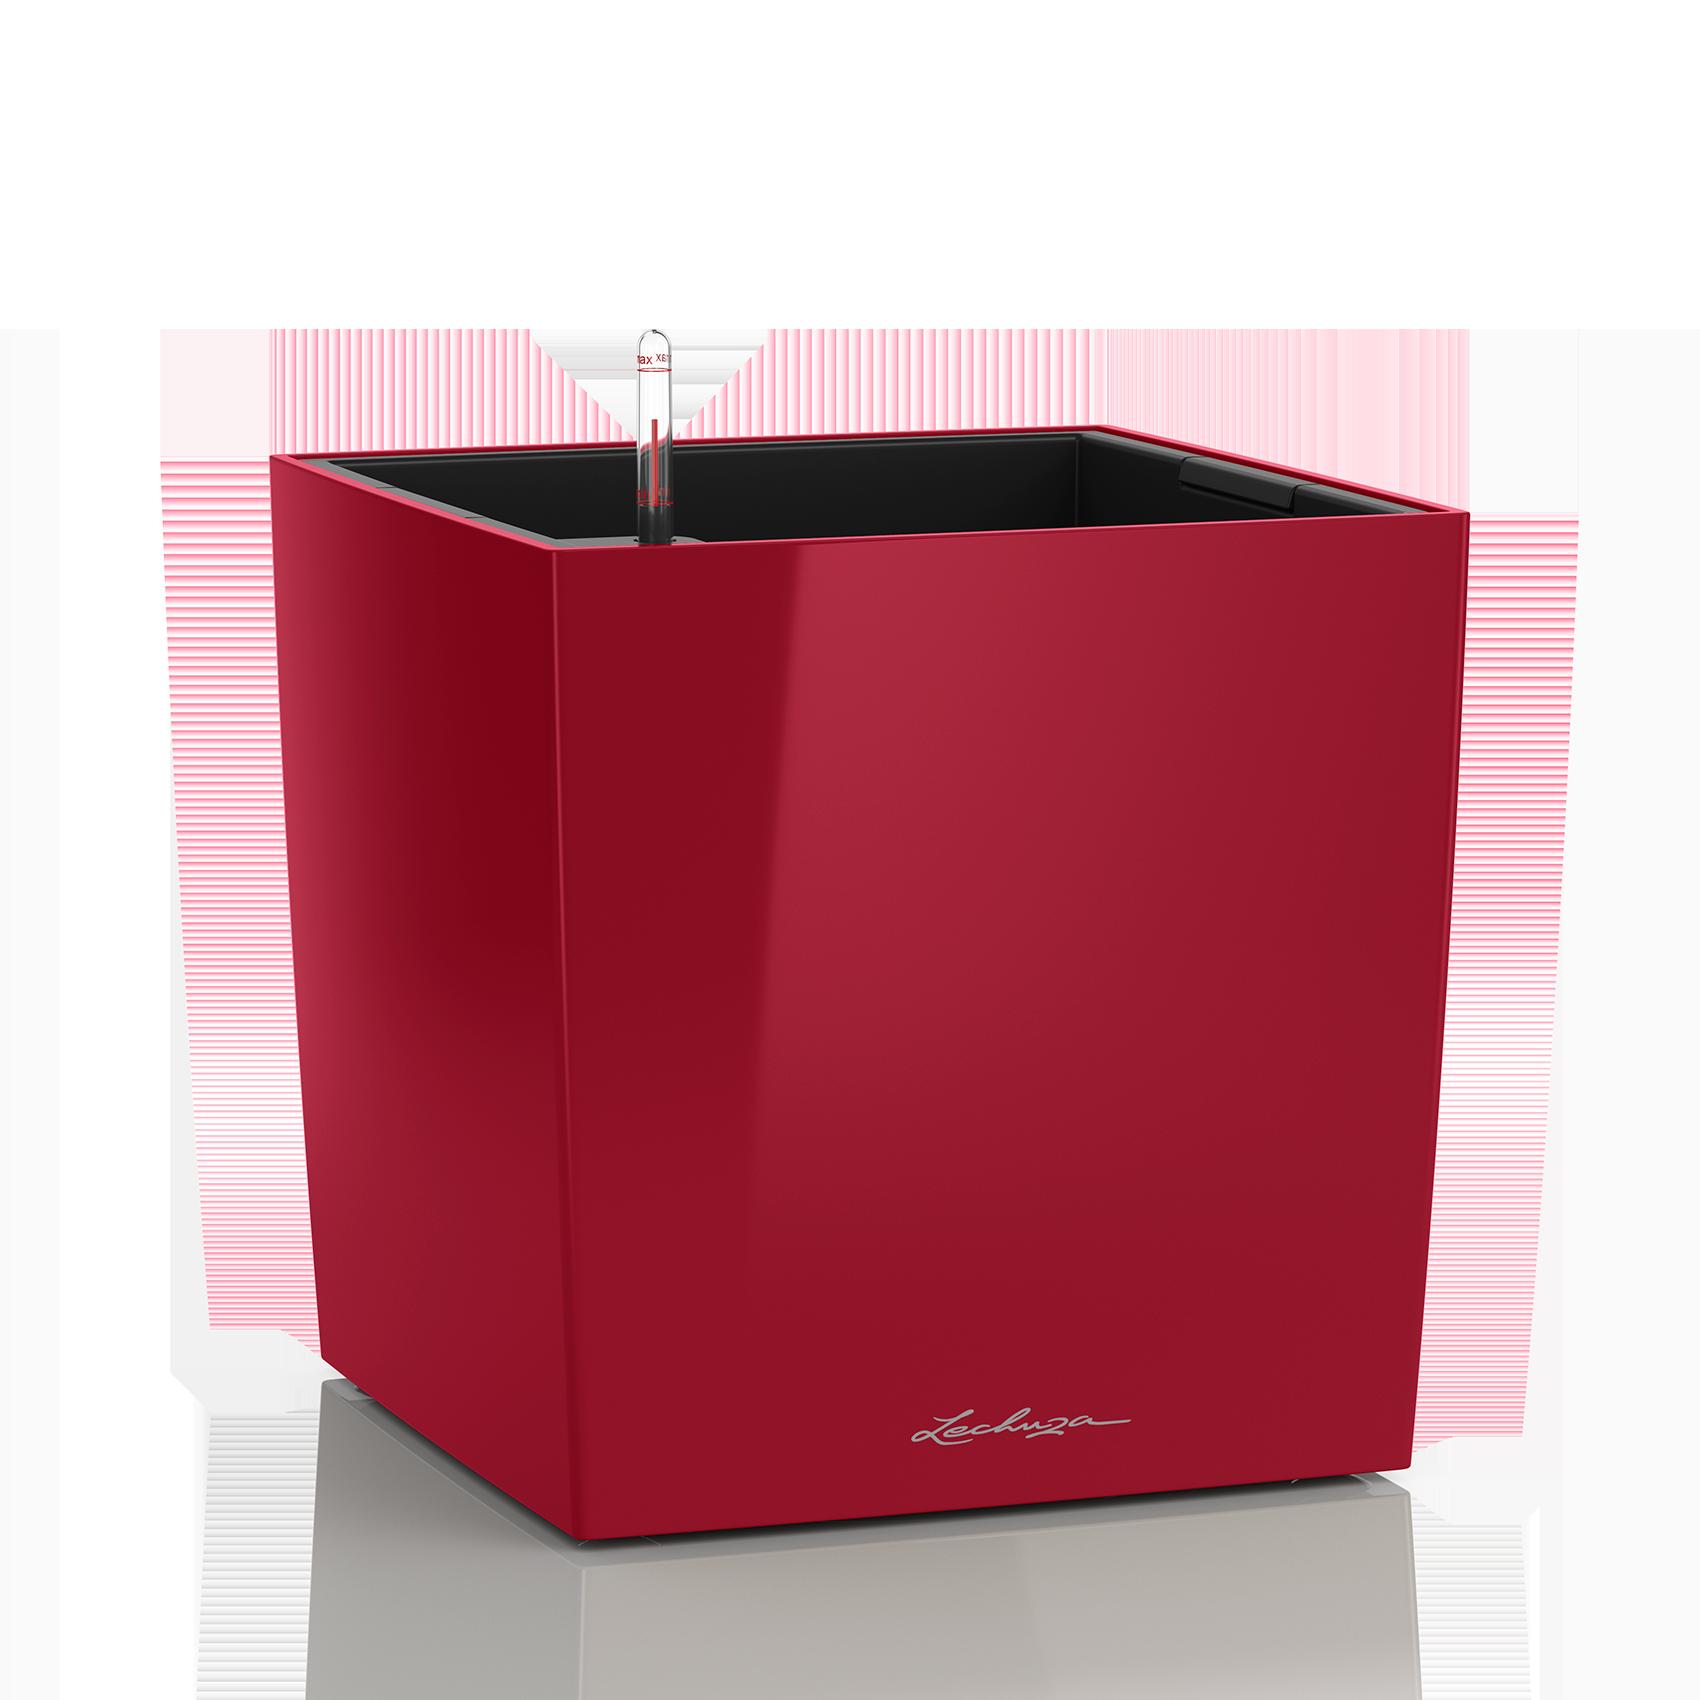 CUBE 40 ярко-красный блестящий